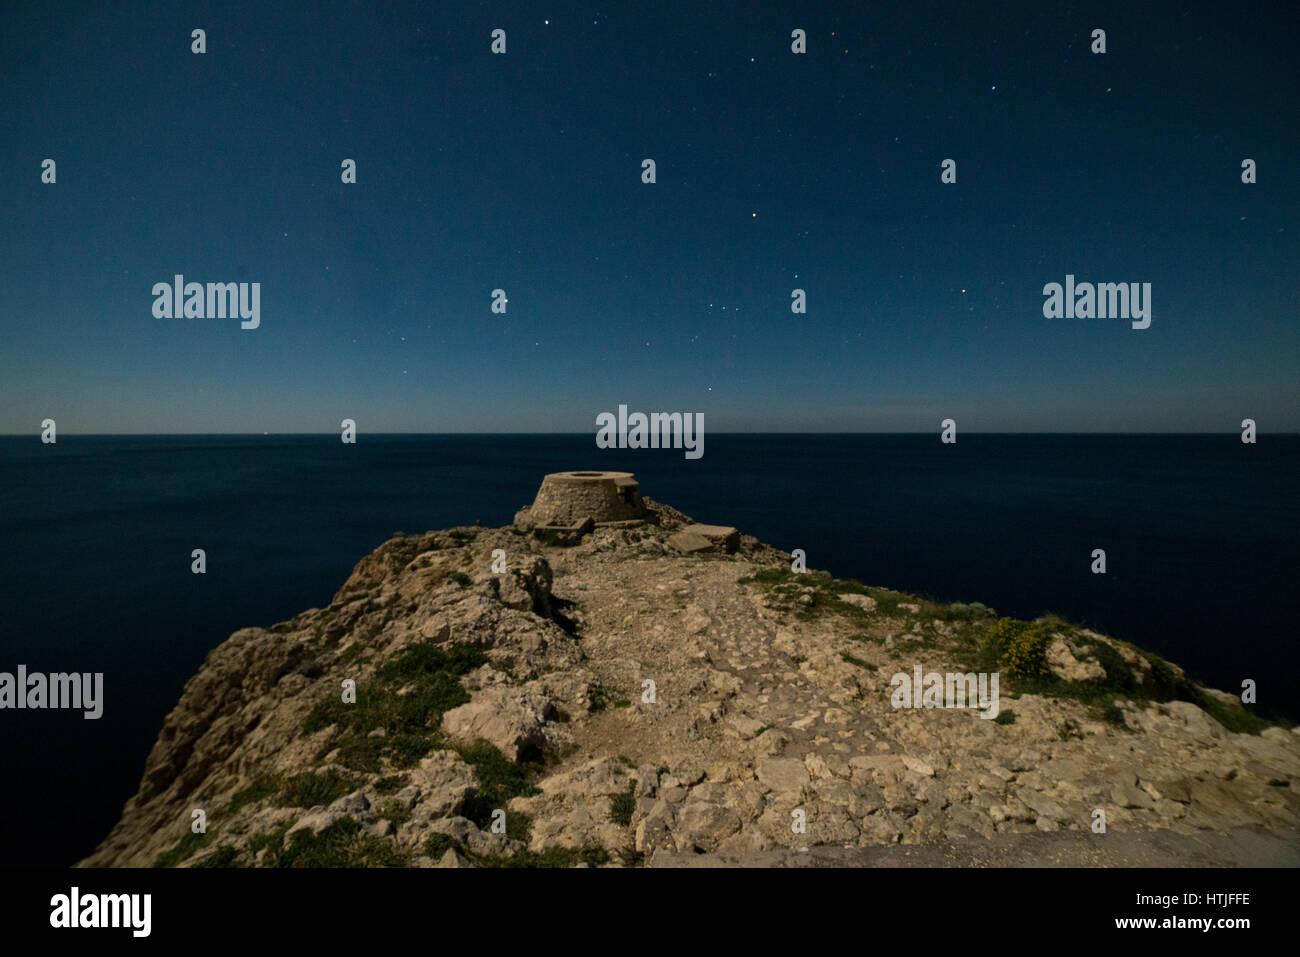 Stars in the sky over the 'Faro', in Anacapri, Capri, Naples - Stock Image